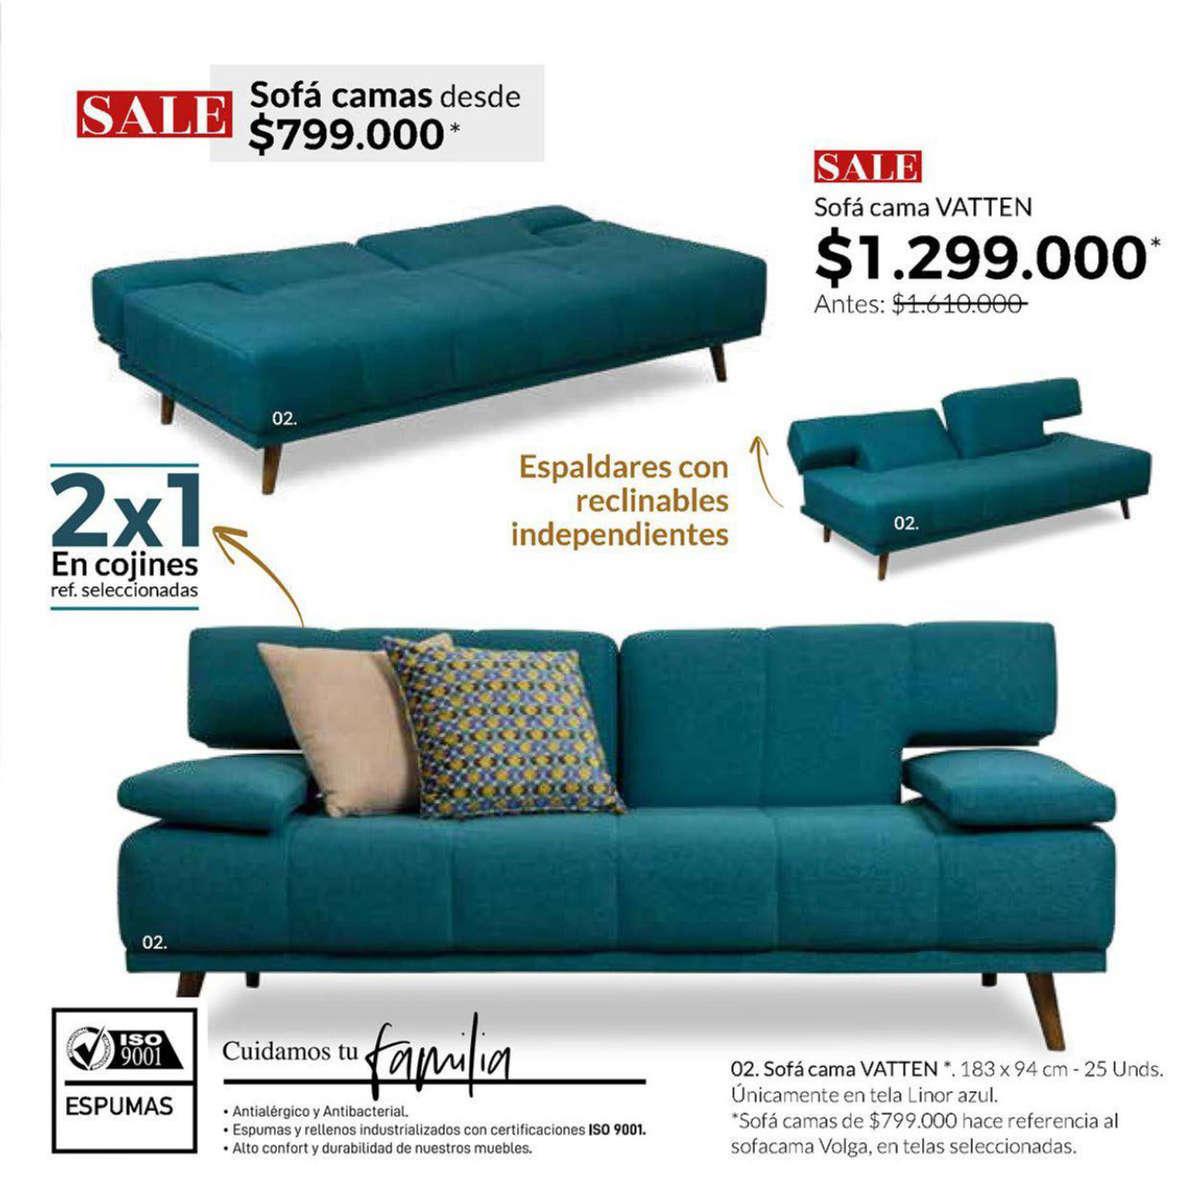 380820e8ac2 Comprar Sofá 2 plazas en Bogotá - Tiendas y promociones - Ofertia